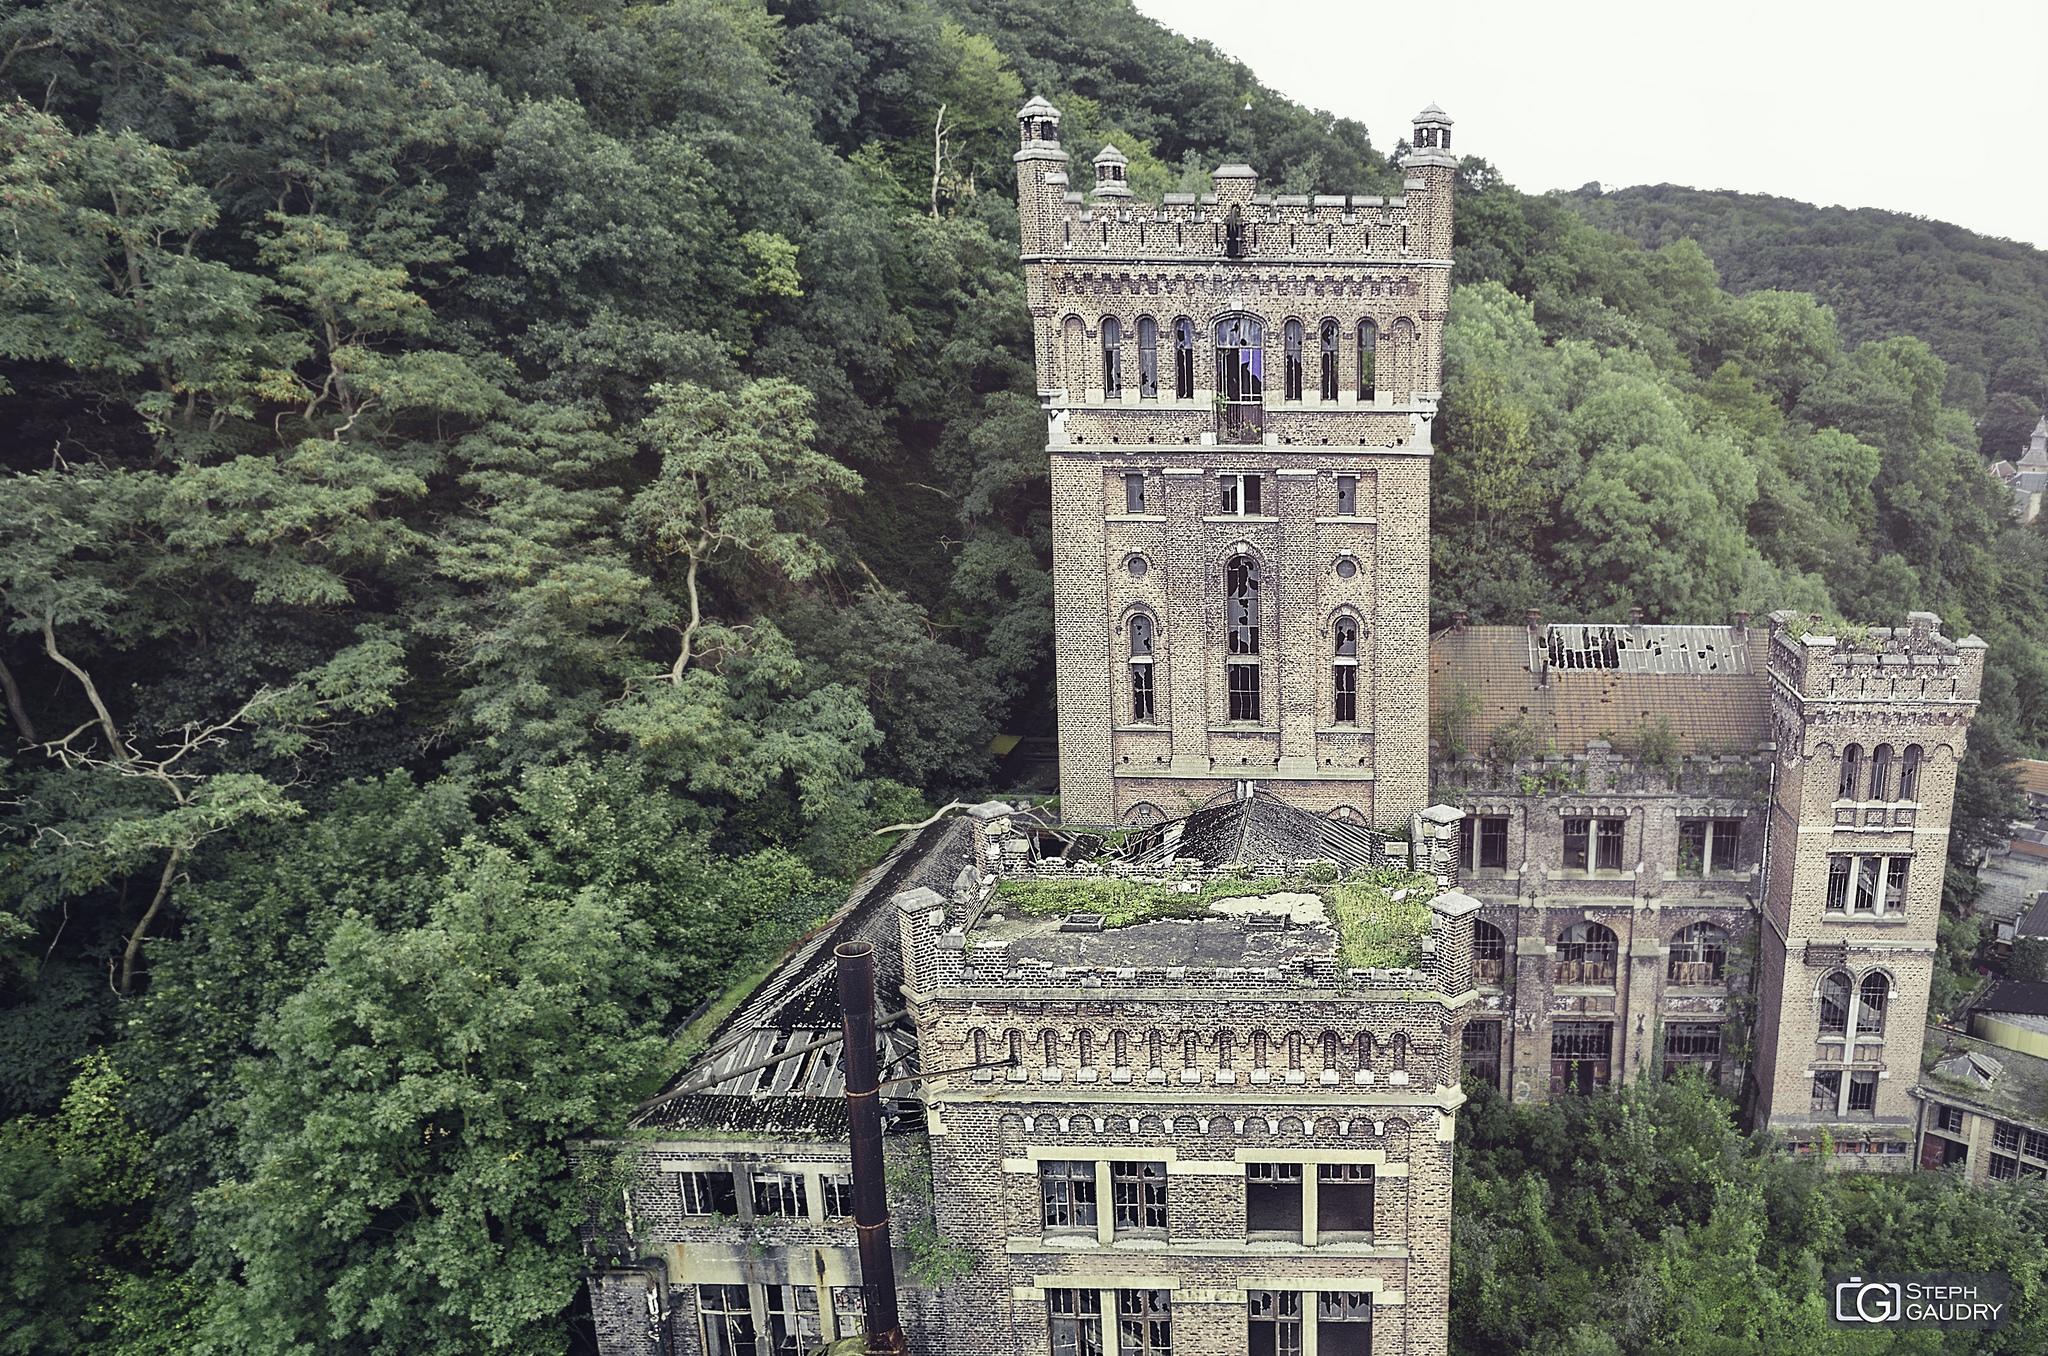 Le château (puits n°1) vu depuis la tour du puits n°3 [Click to start slideshow]